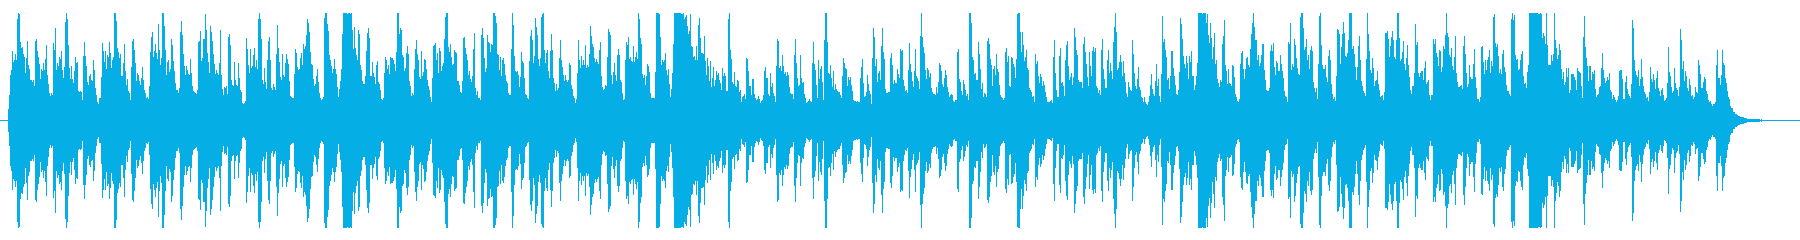 【オーケストラ】物語の始まり_爽やかさの再生済みの波形